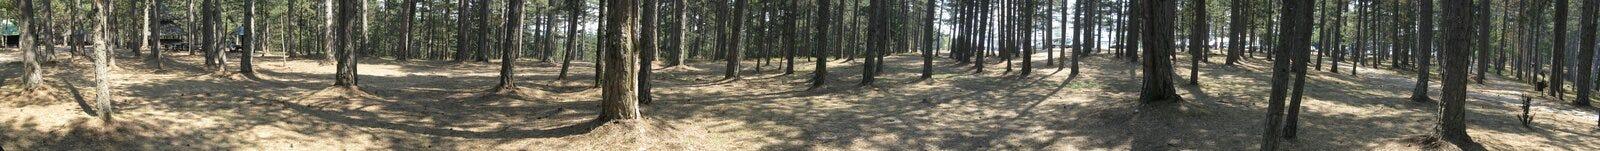 Barrträdskog Arkivfoto